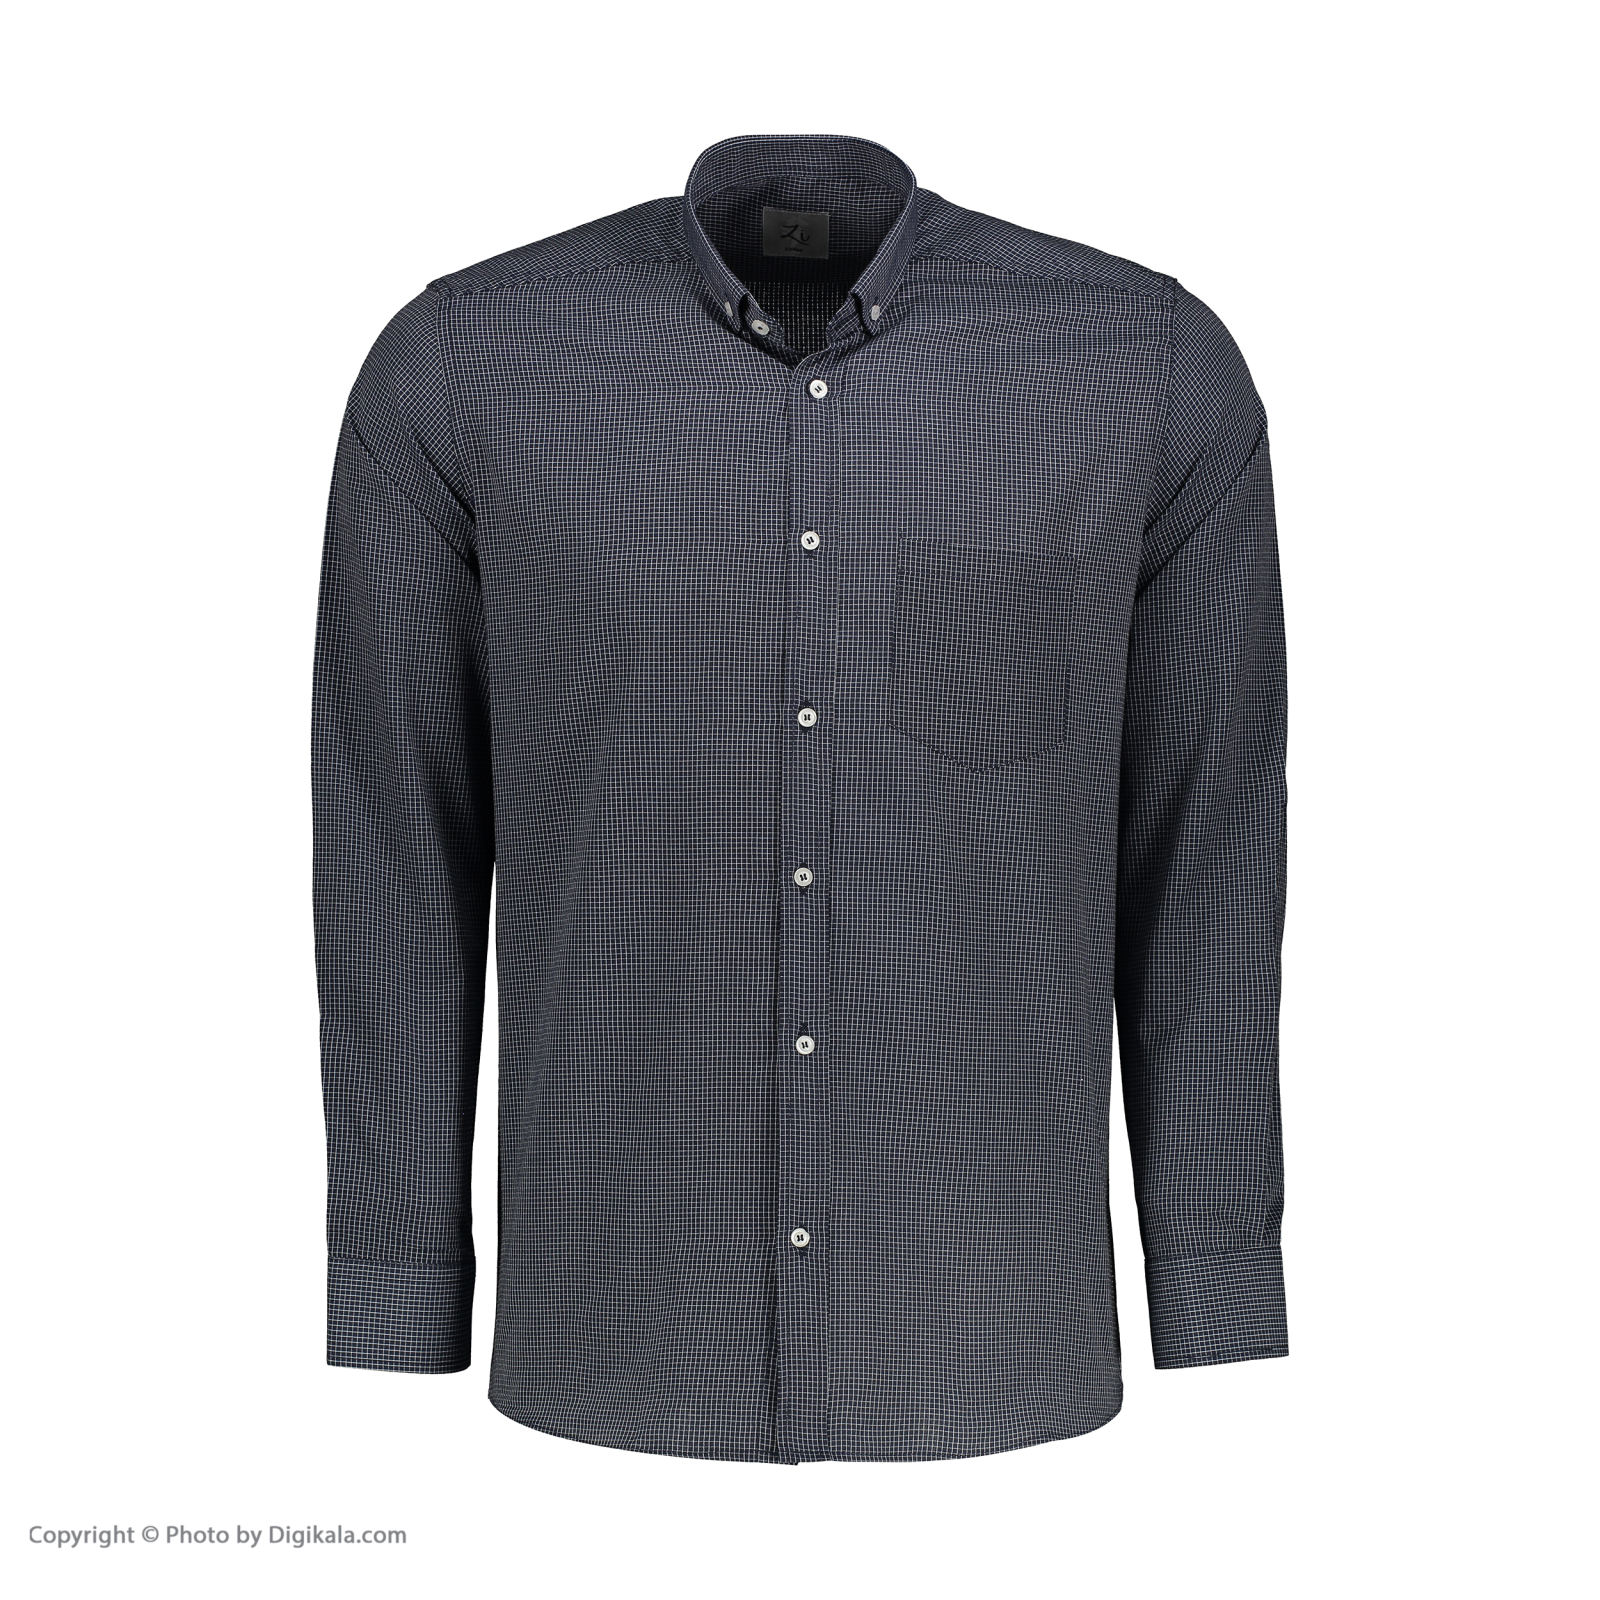 پیراهن مردانه زی مدل 15311855901 -  - 2